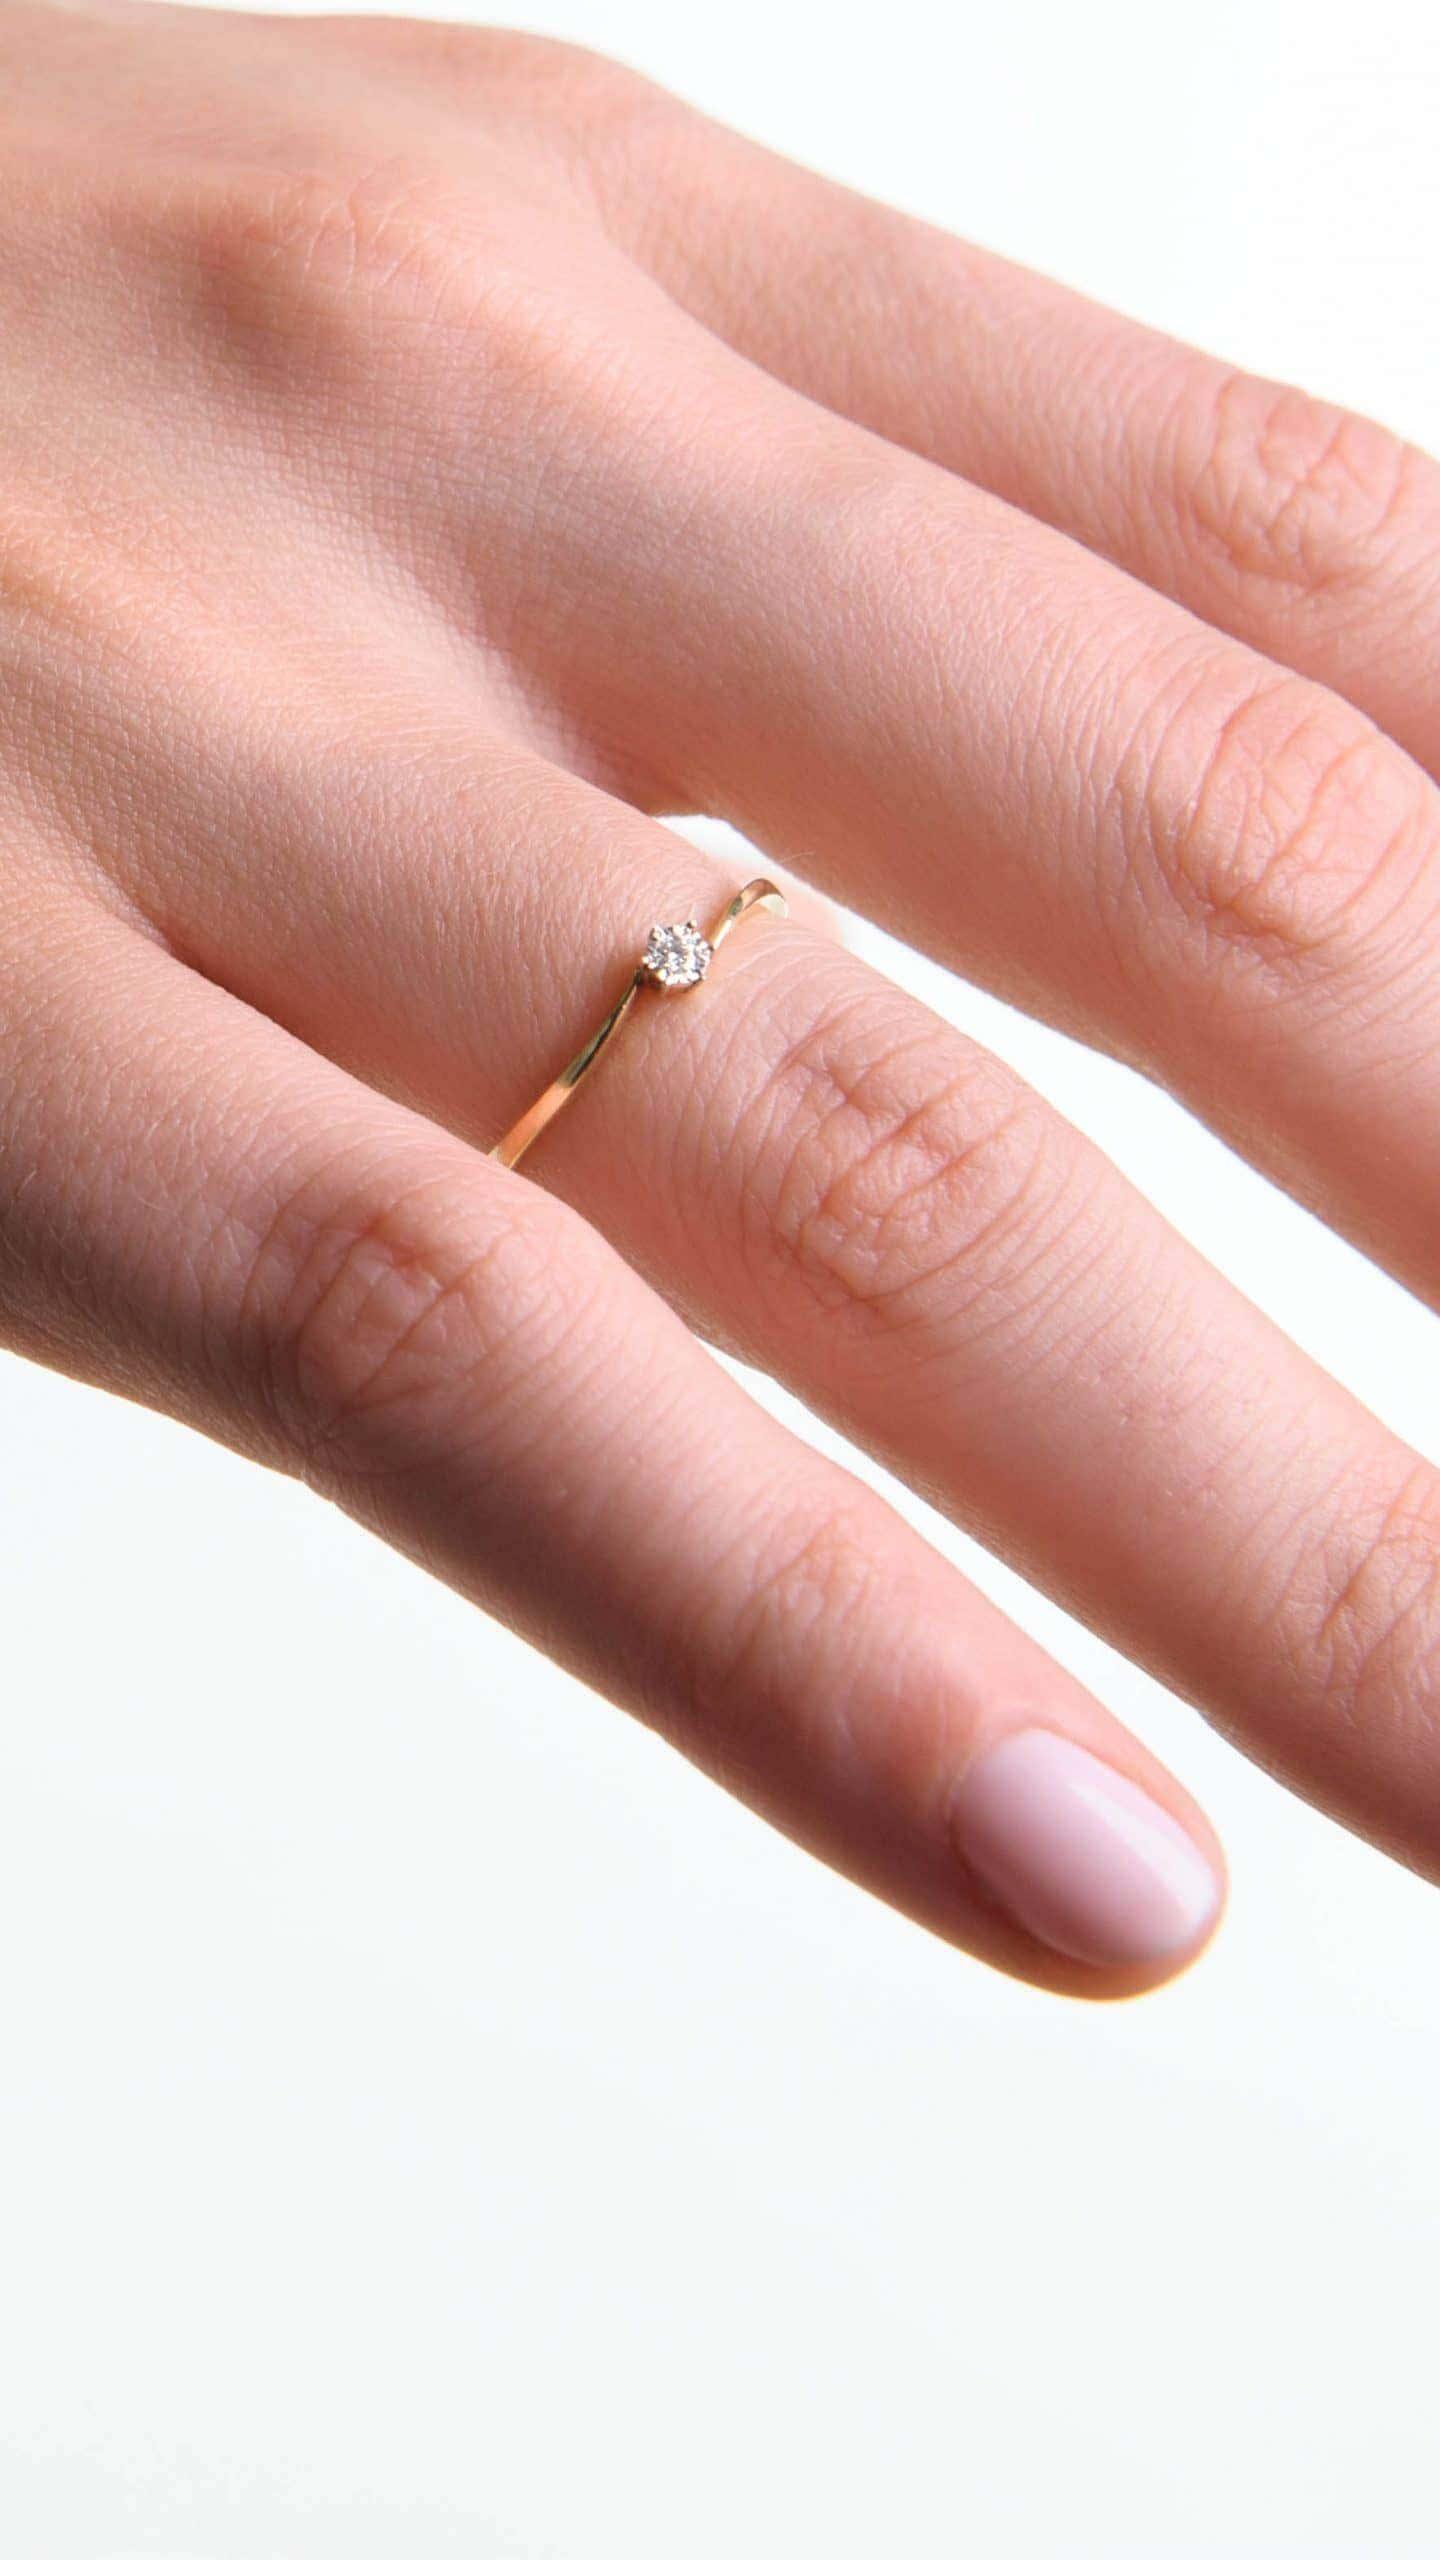 Modelka prezentuje na dłoni złoty pierścionek z diamentem